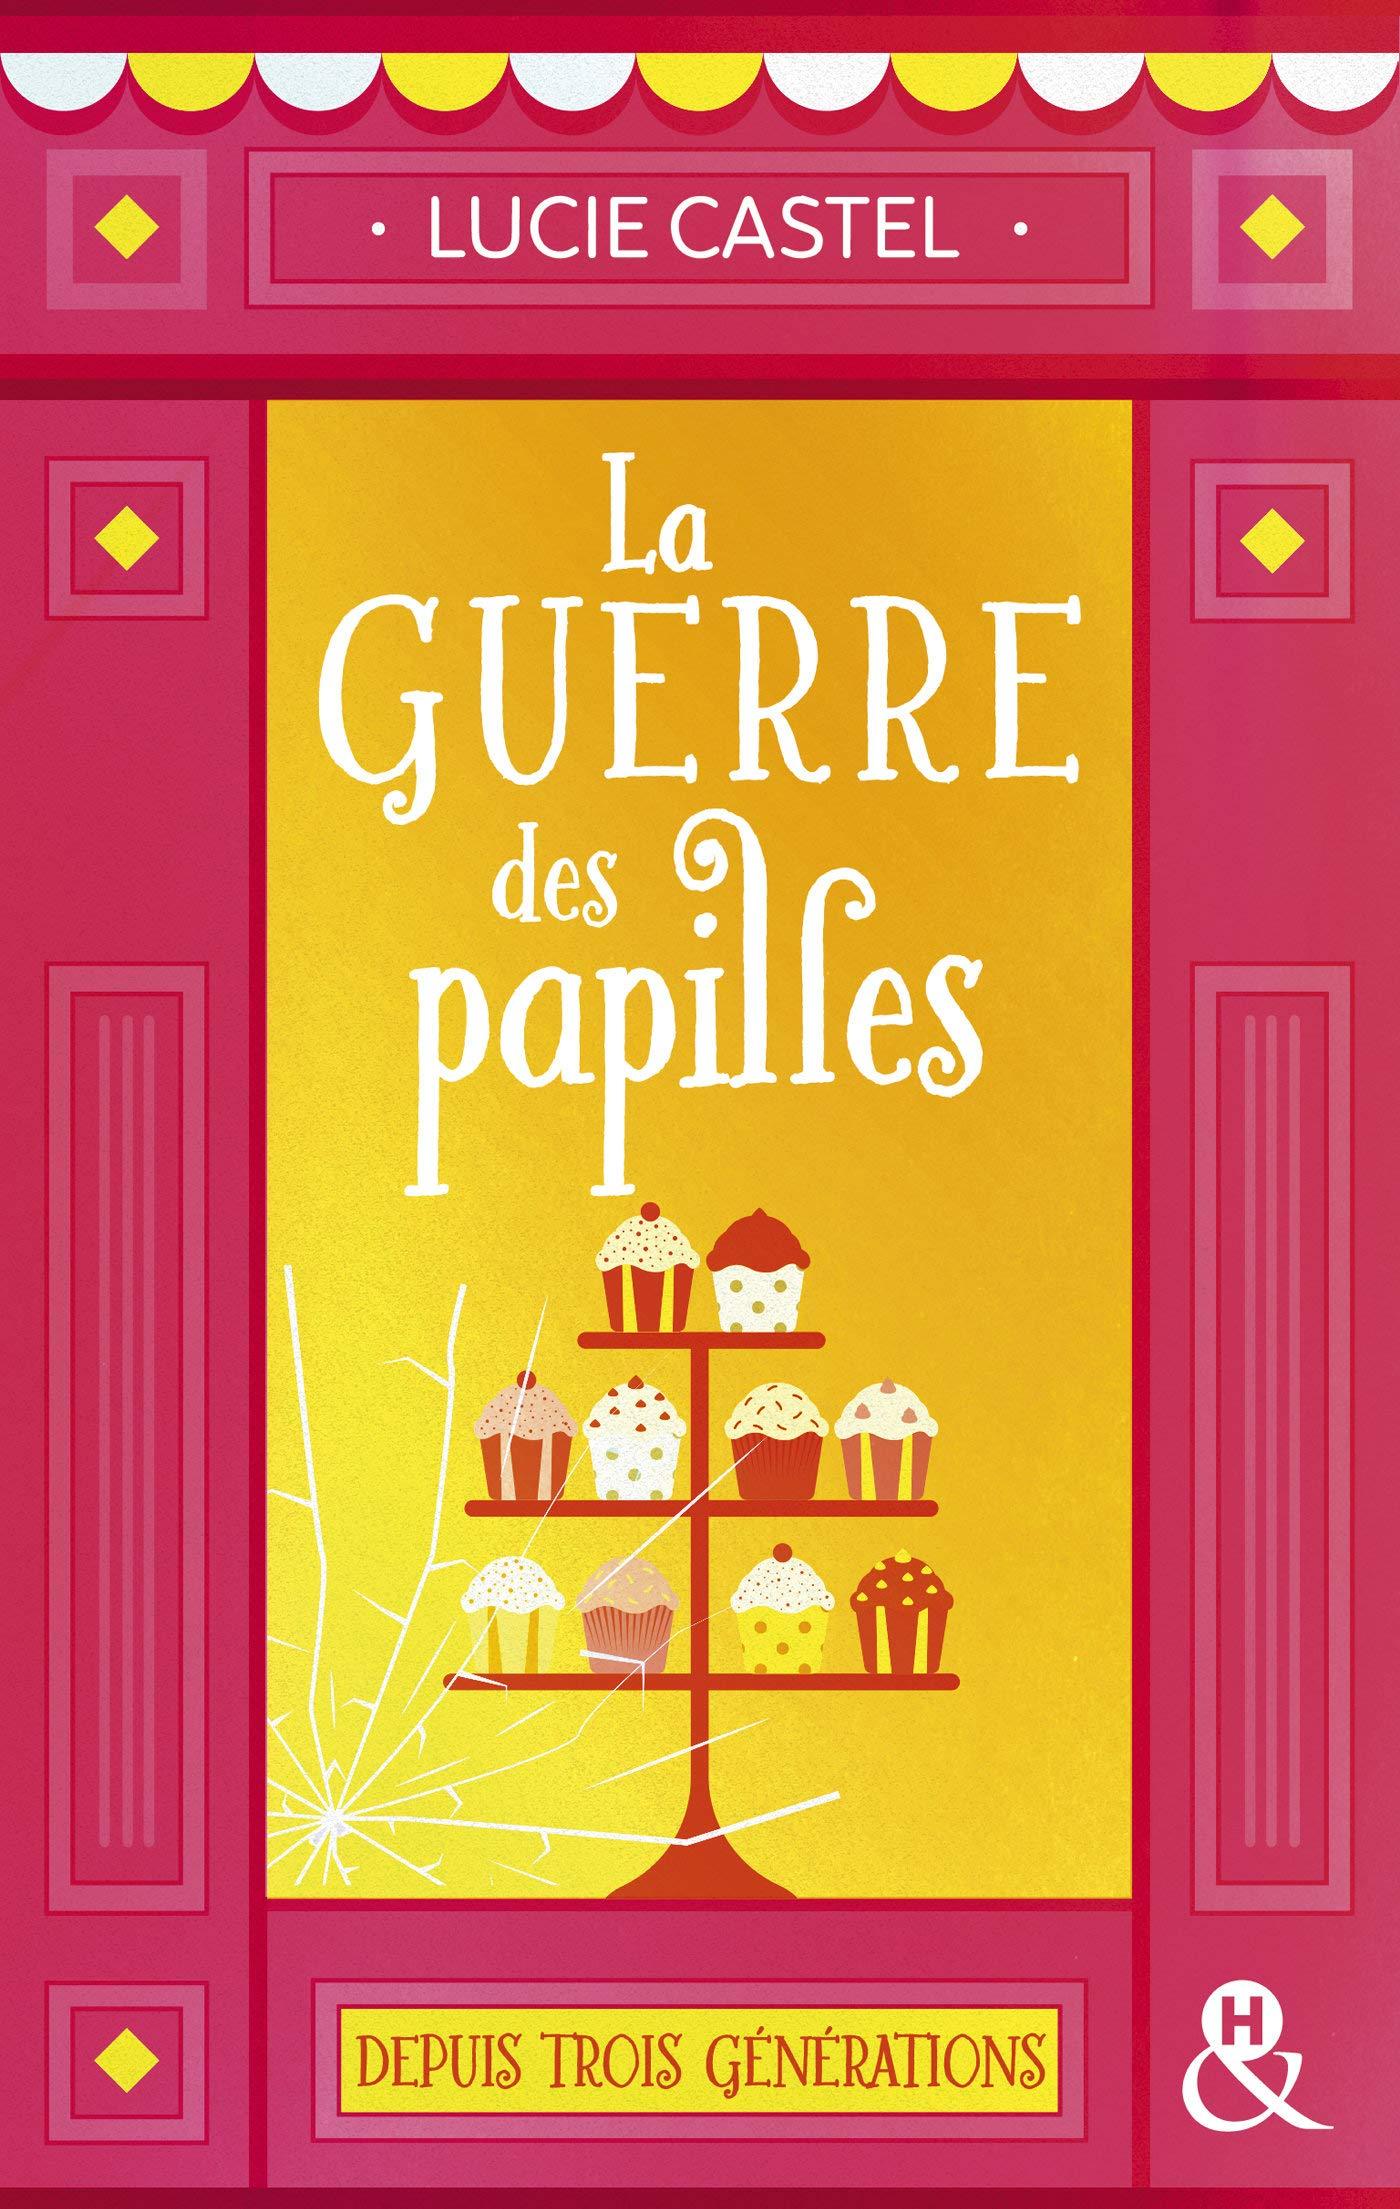 La guerre des papilles : Une comédie romantique drôle et gourmande sur fond de pâtisserie (&H) por Lucie Castel